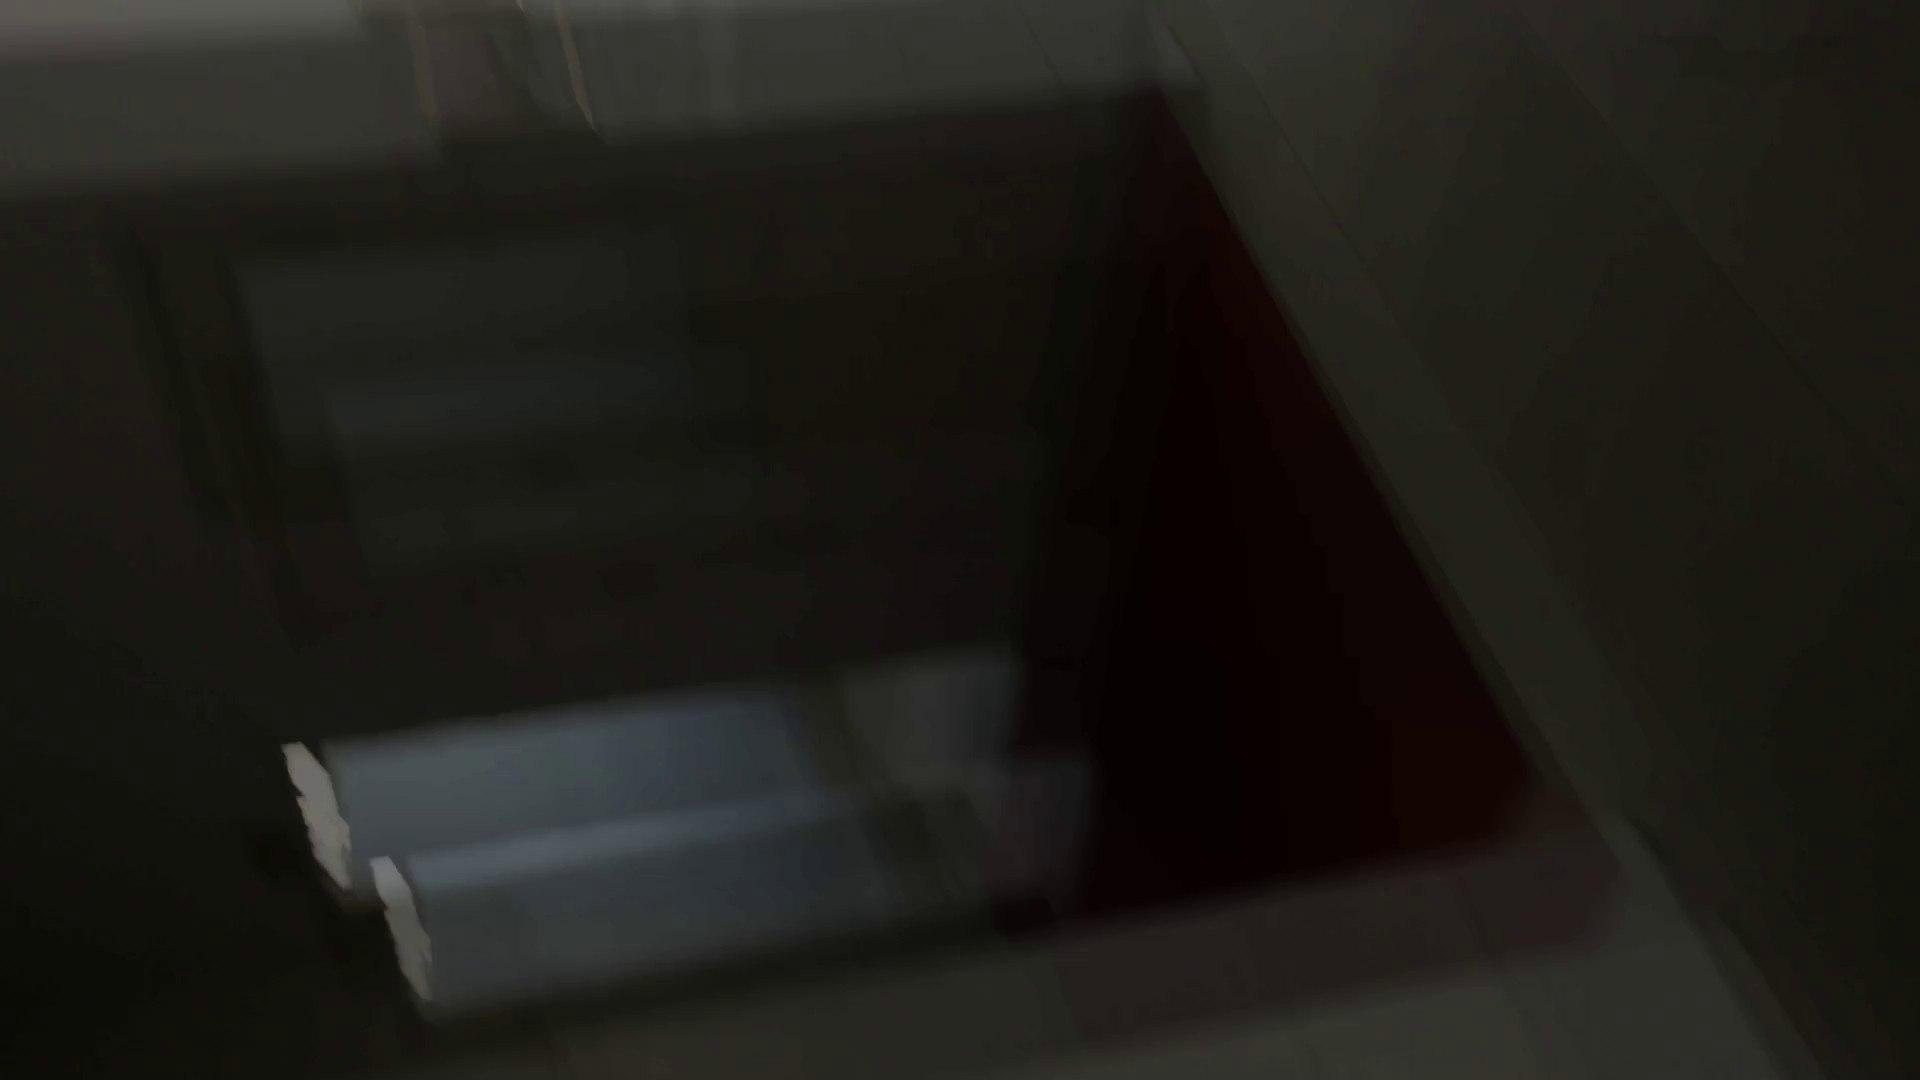 芸術大学ガチ潜入盗撮 JD盗撮 美女の洗面所の秘密 Vol.91 盗撮 | 高画質  97画像 50